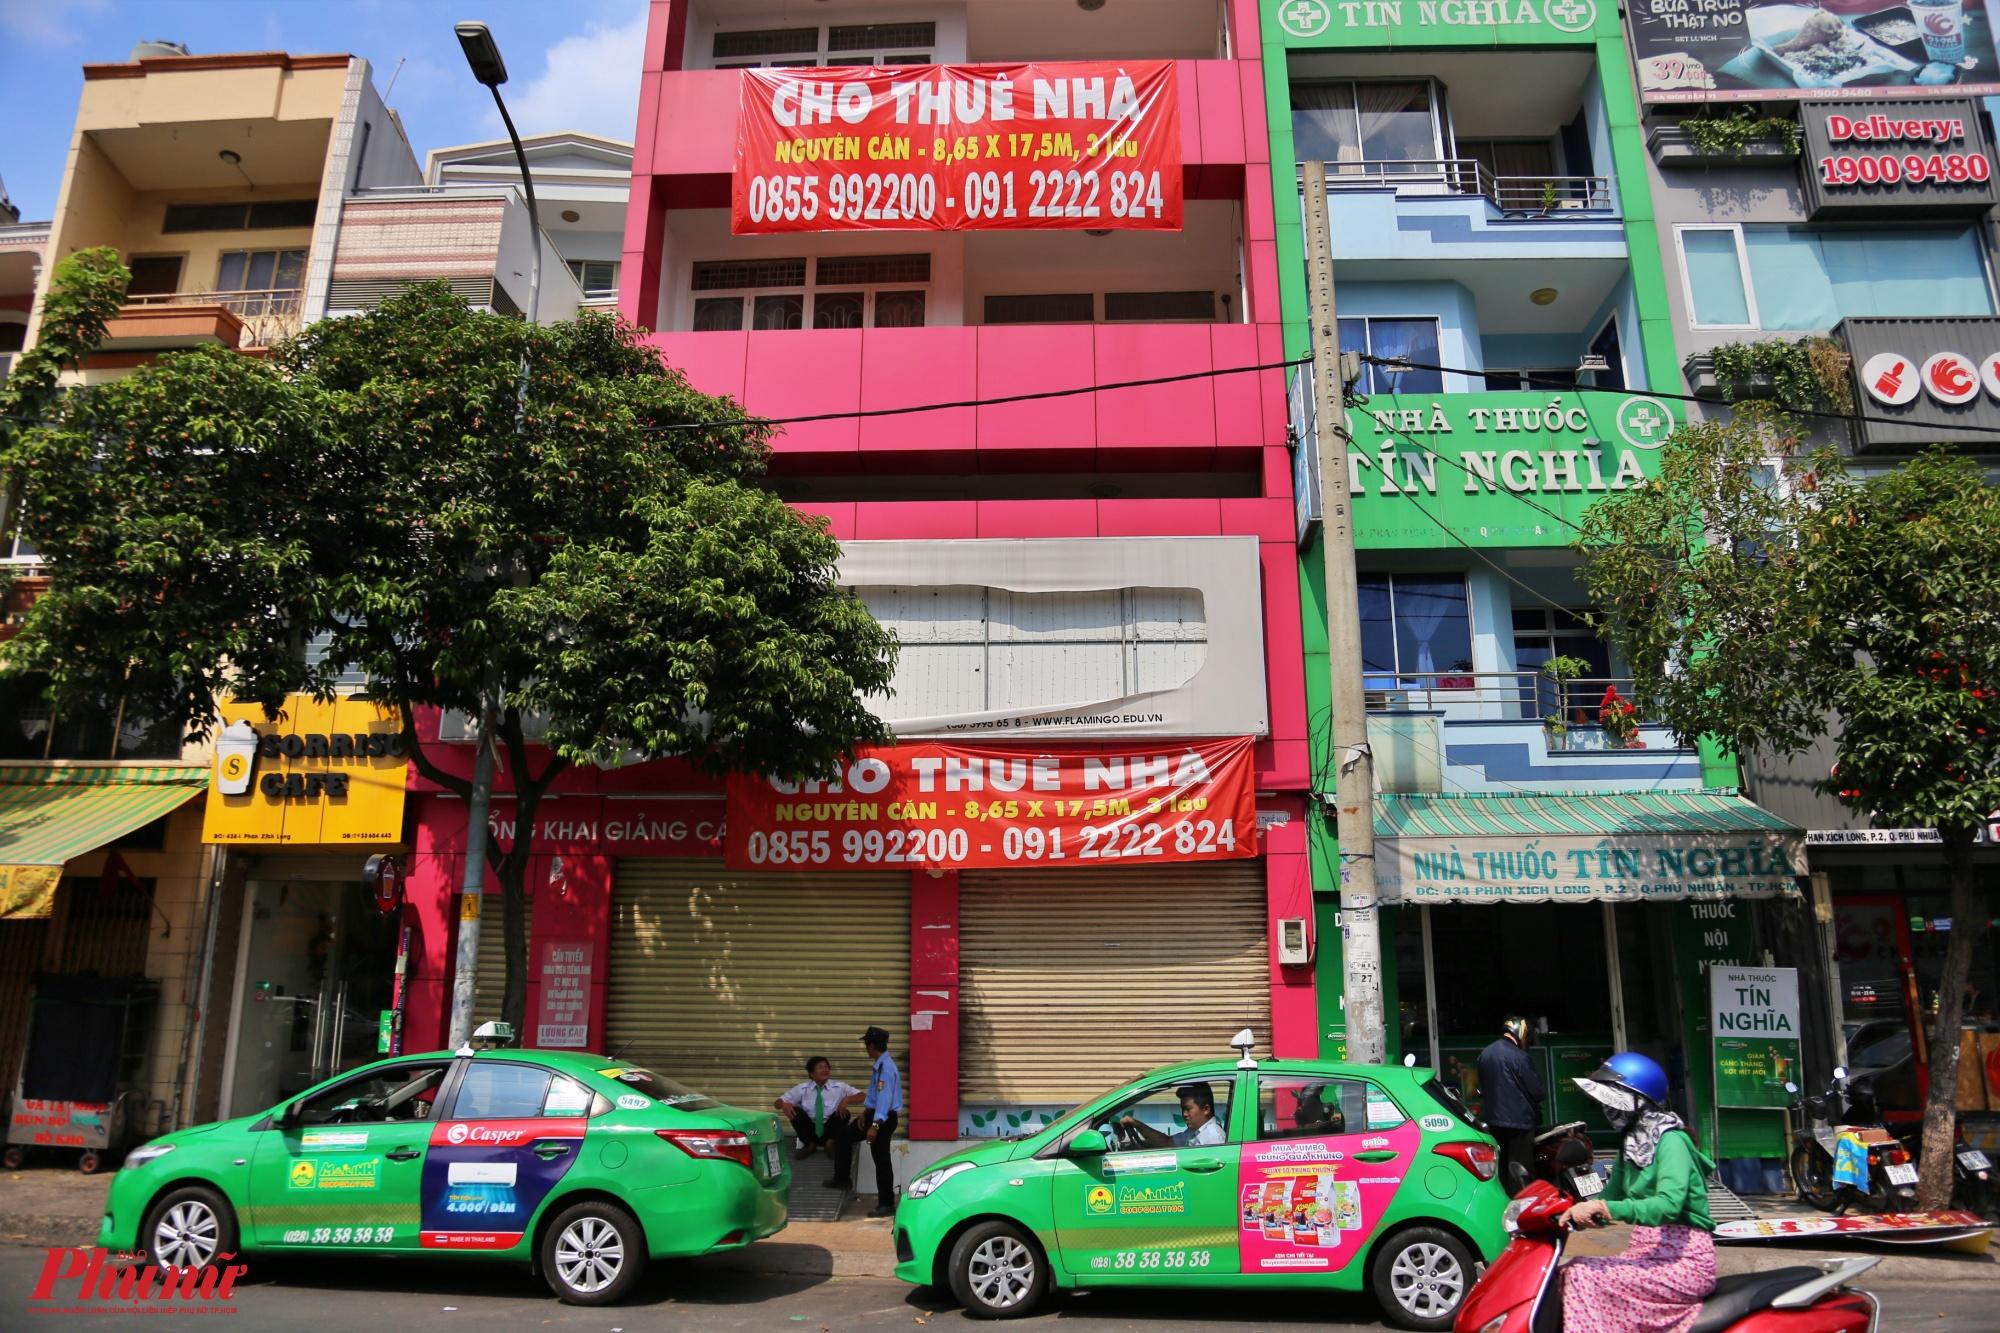 Căn nhà mặt tiền 3 lầu trên đường Phan Xích Long, quận Phú Nhuận cũng đóng cửa im lìm từ mấy tháng nay. Một số bảo vệ chung quanh cho biết từ sau tết cho đến nay vẫn không có ai đến thuê.